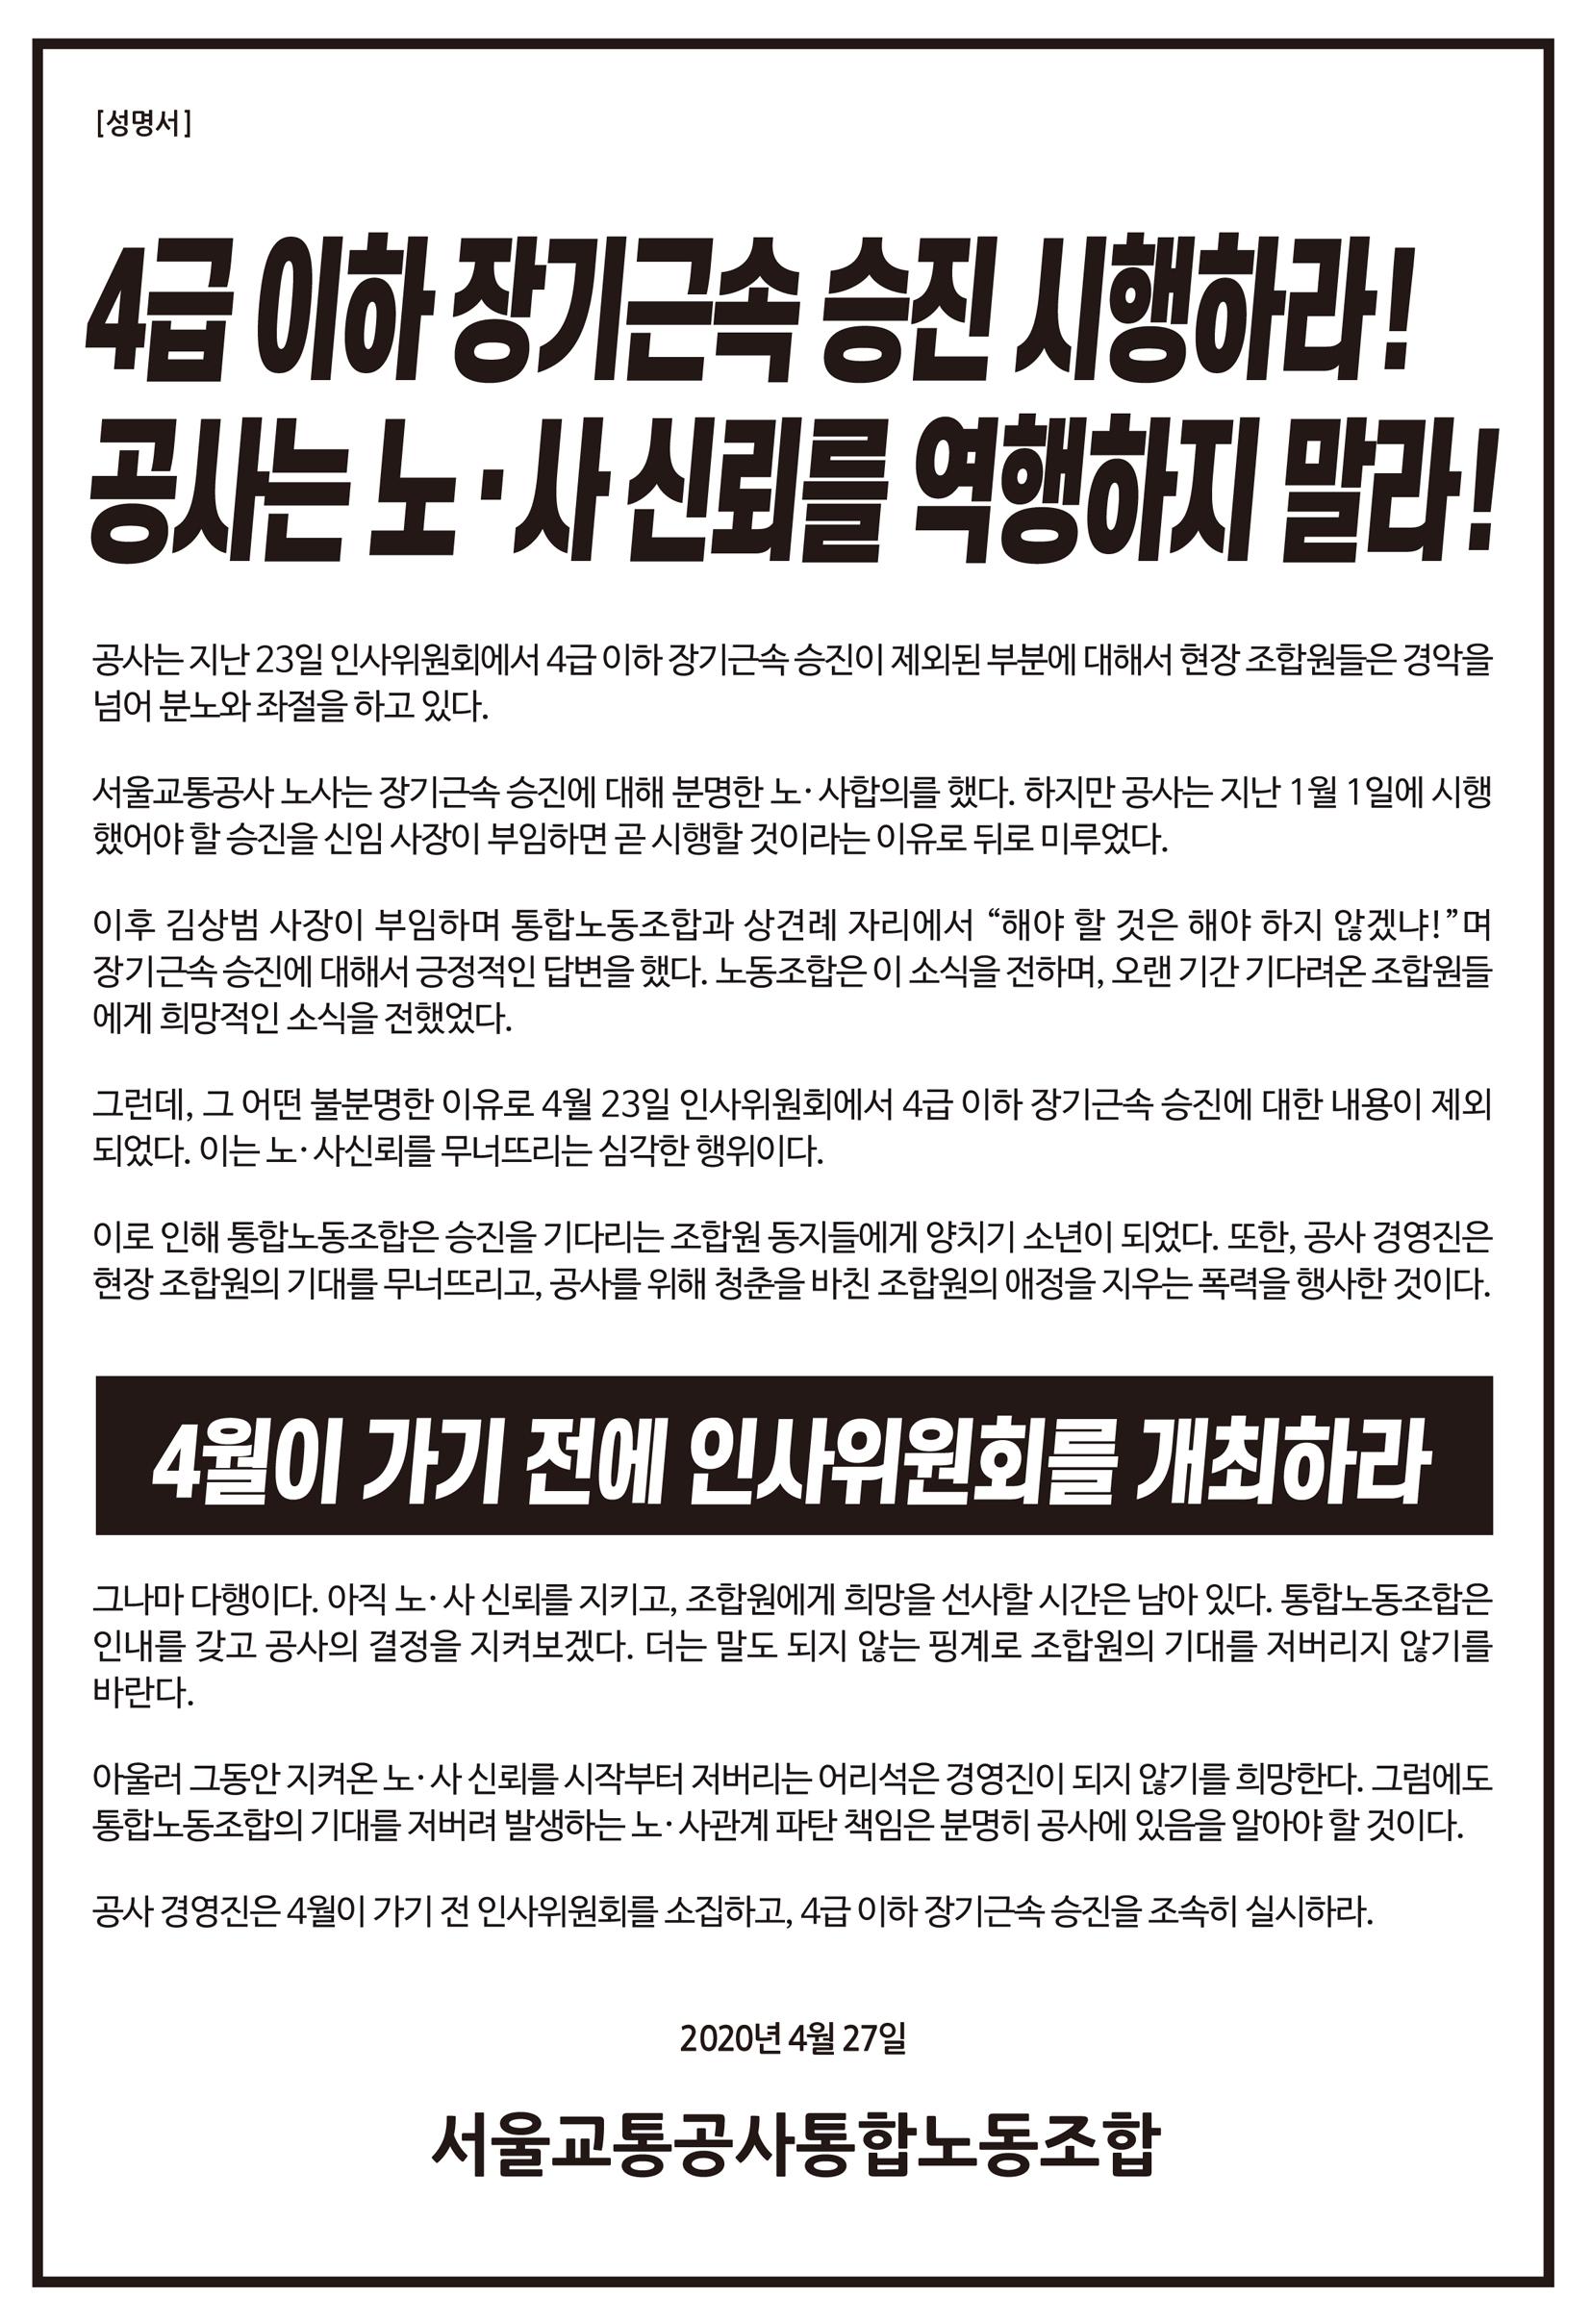 4급이하장기근속승진시행하라성명서.jpg